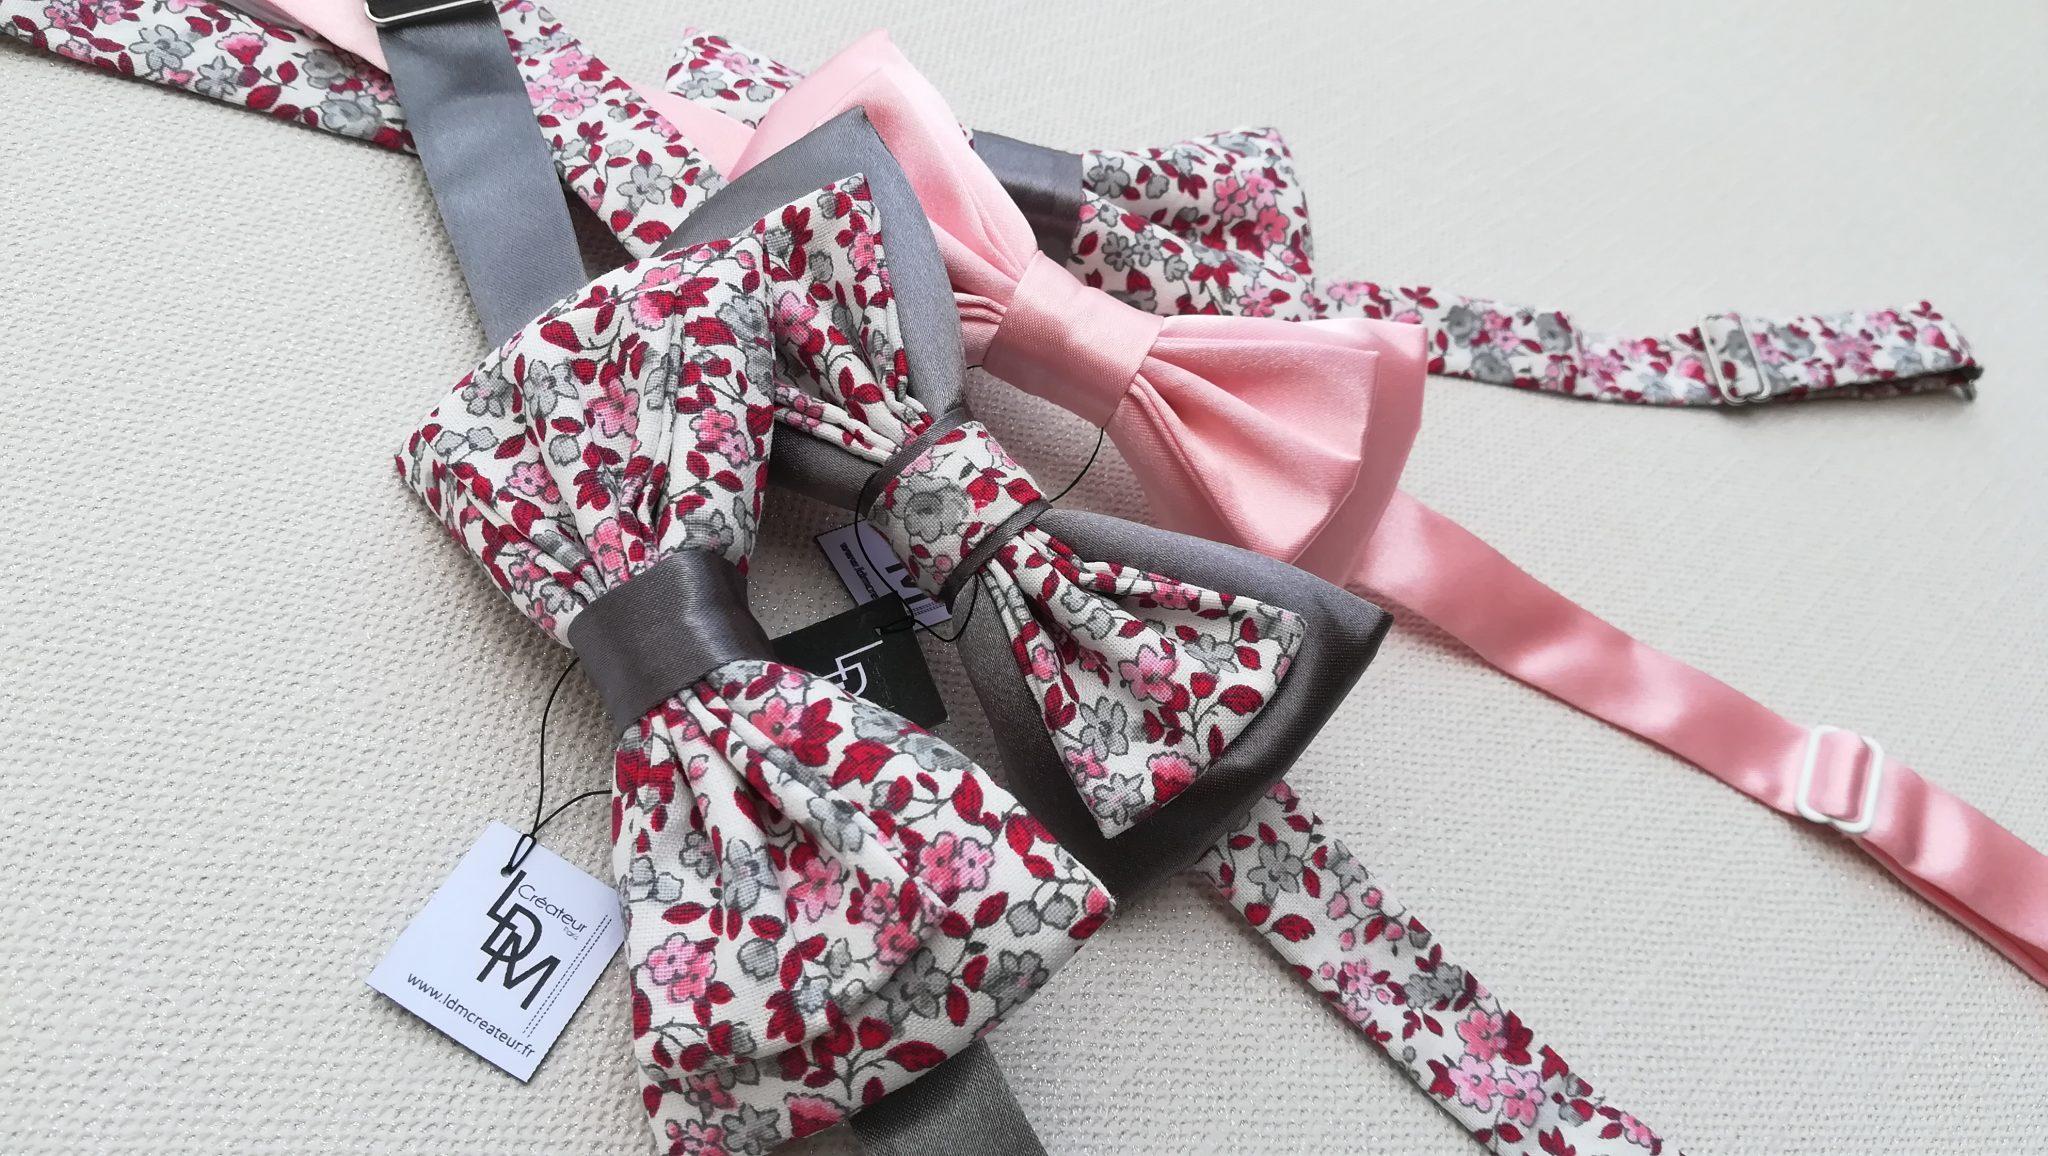 noeud-papillon-esprit-couture-creation-inspiration-mariage-liberty-ldmcreateur-LDM-Createur-fr